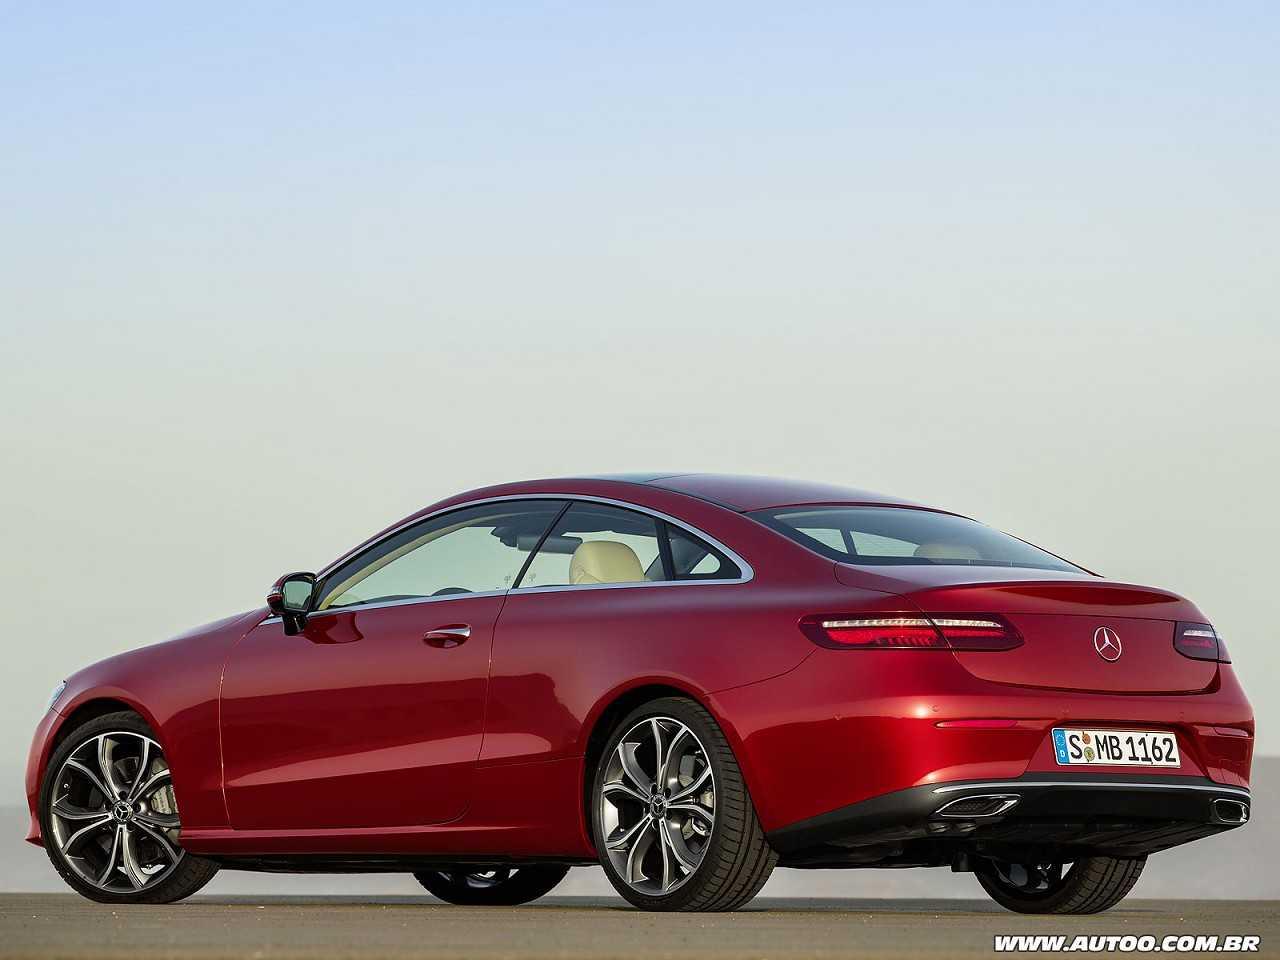 Mercedes-BenzClasse E Coupé 2017 - ângulo traseiro